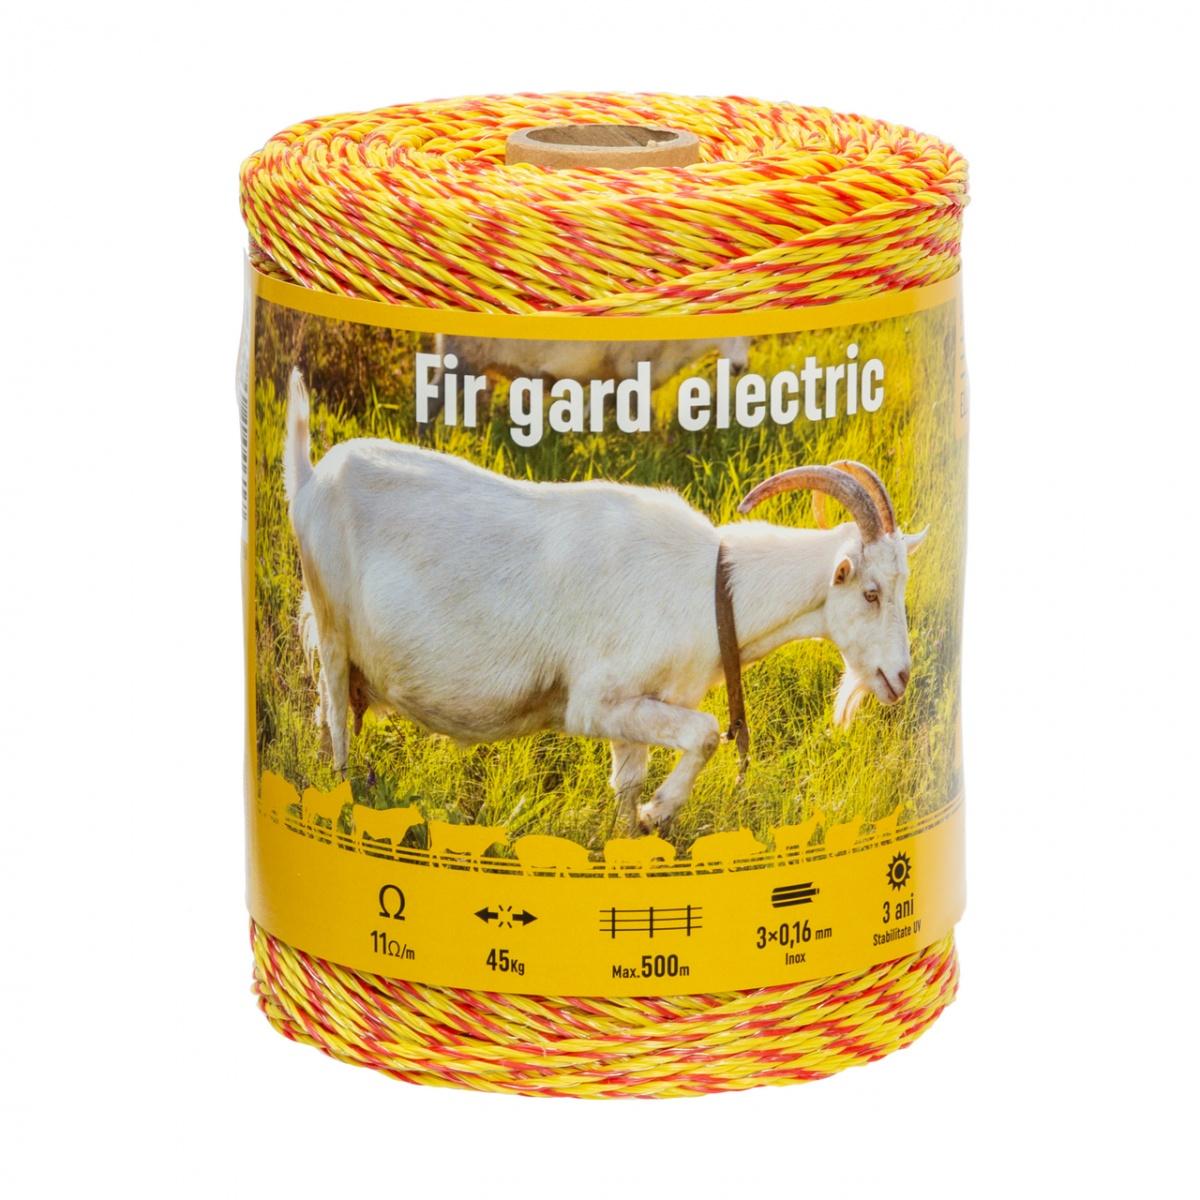 Fir gard electric - 500m - 45kg - 11Ω/m